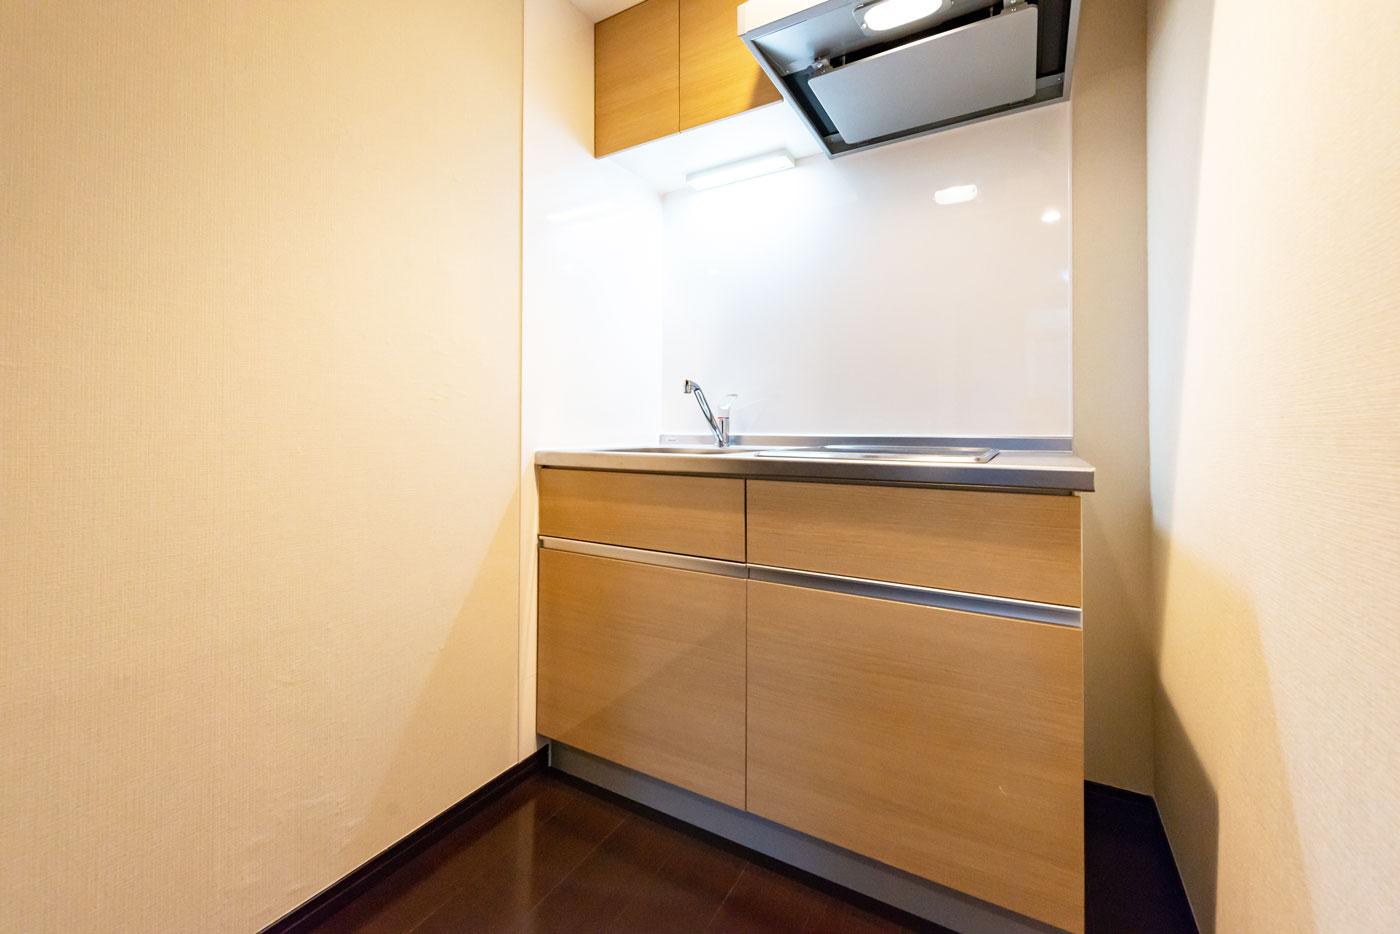 202-3 キッチン(各階Bタイプ共通)